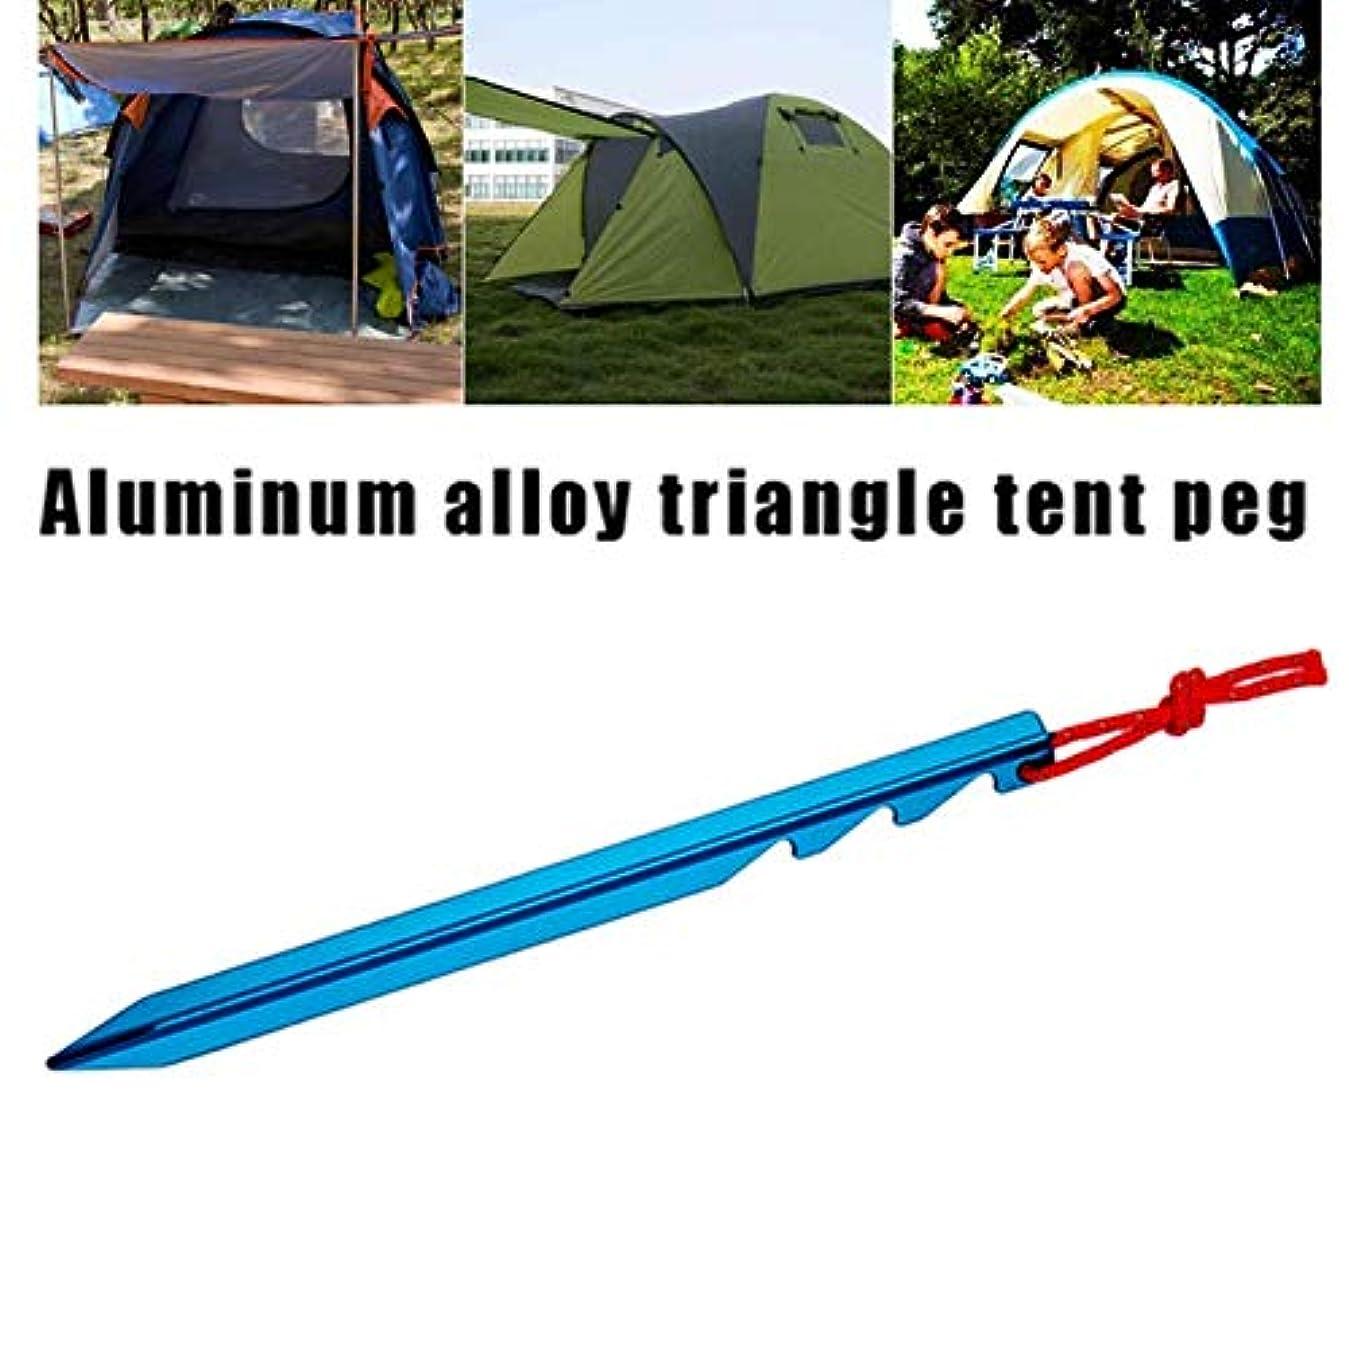 解決広く新着xinzhiキャンプテントパイルウッド、キャンプ固定テントパイル18センチ三角形ネイルキャンプマットネイル屋外キャンプに適した、ランダムカラー